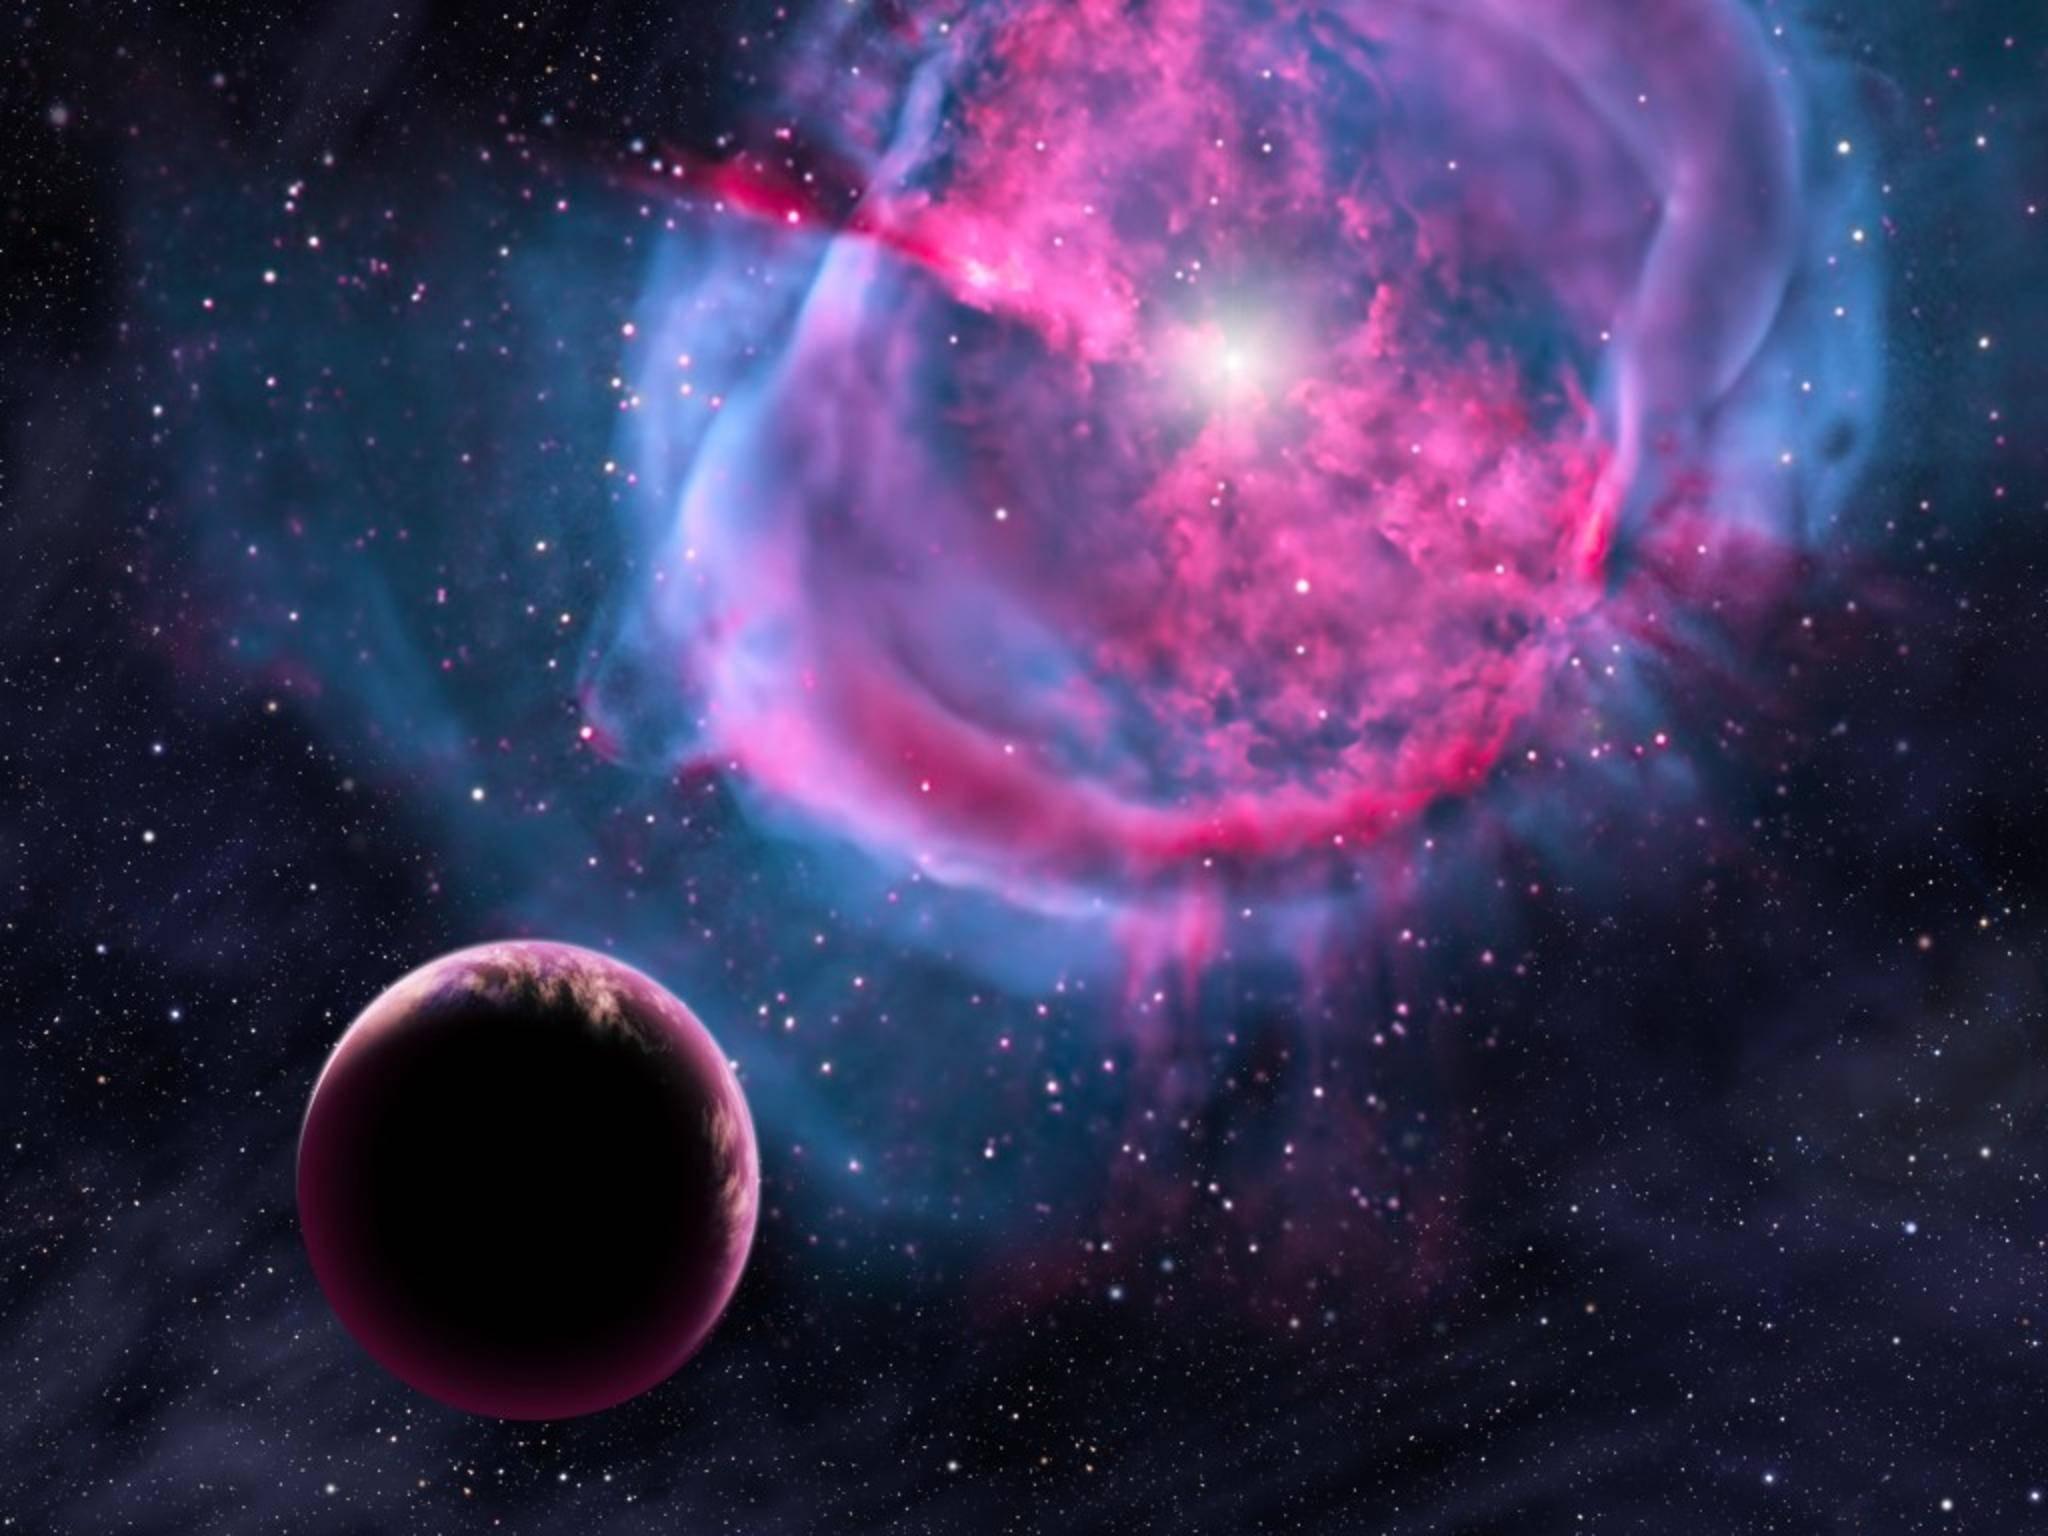 Zwei der entdeckten Planeten sind besonders erdähnlich.